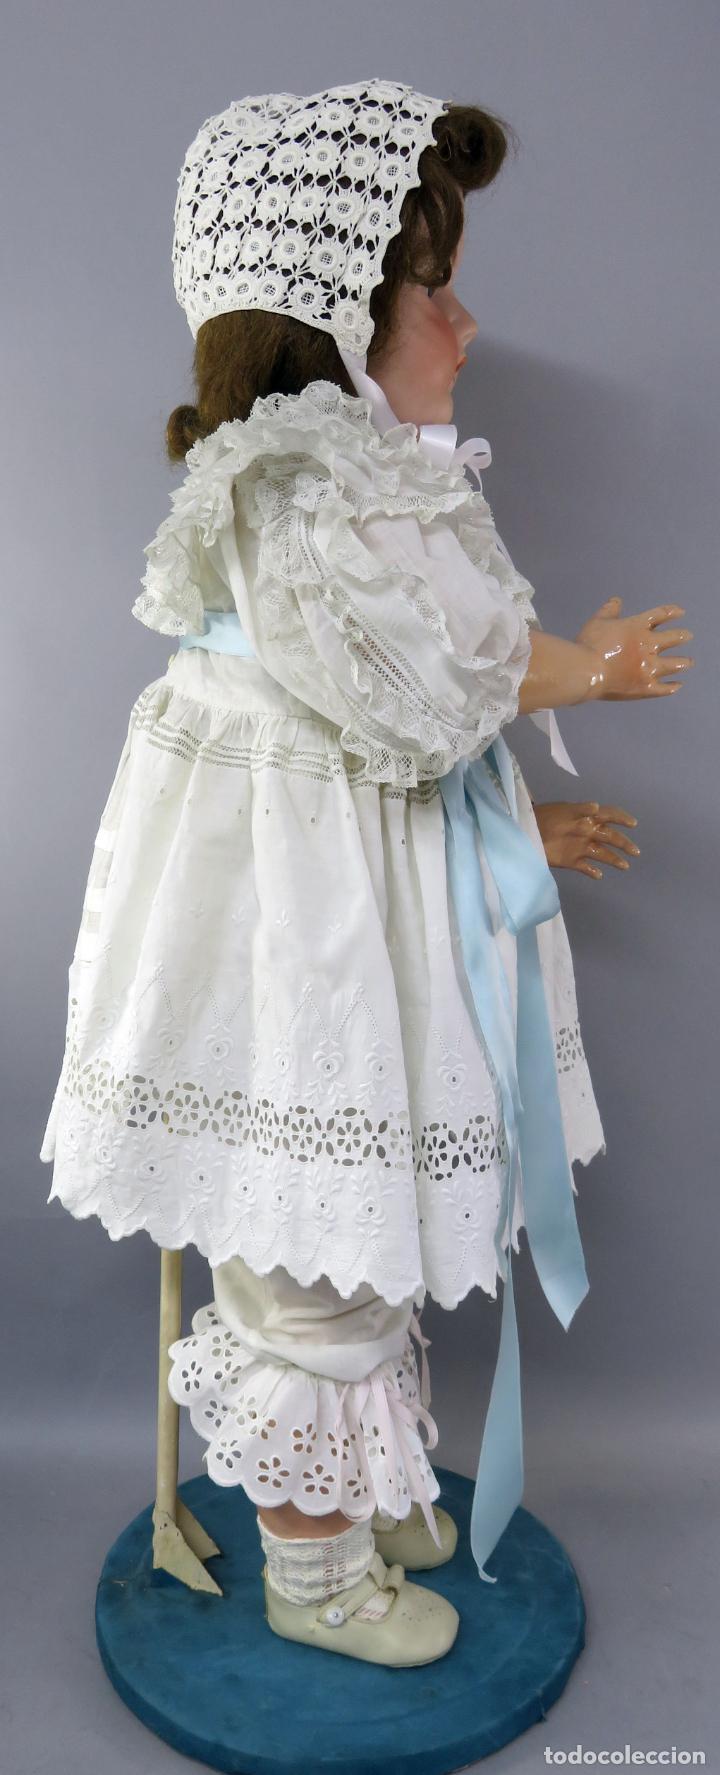 Muñecas Porcelana: Muñeca cabeza porcelana cuerpo madera articulado marca nuca 444 16 ojo durmiente 80 cm alto - Foto 10 - 223485392